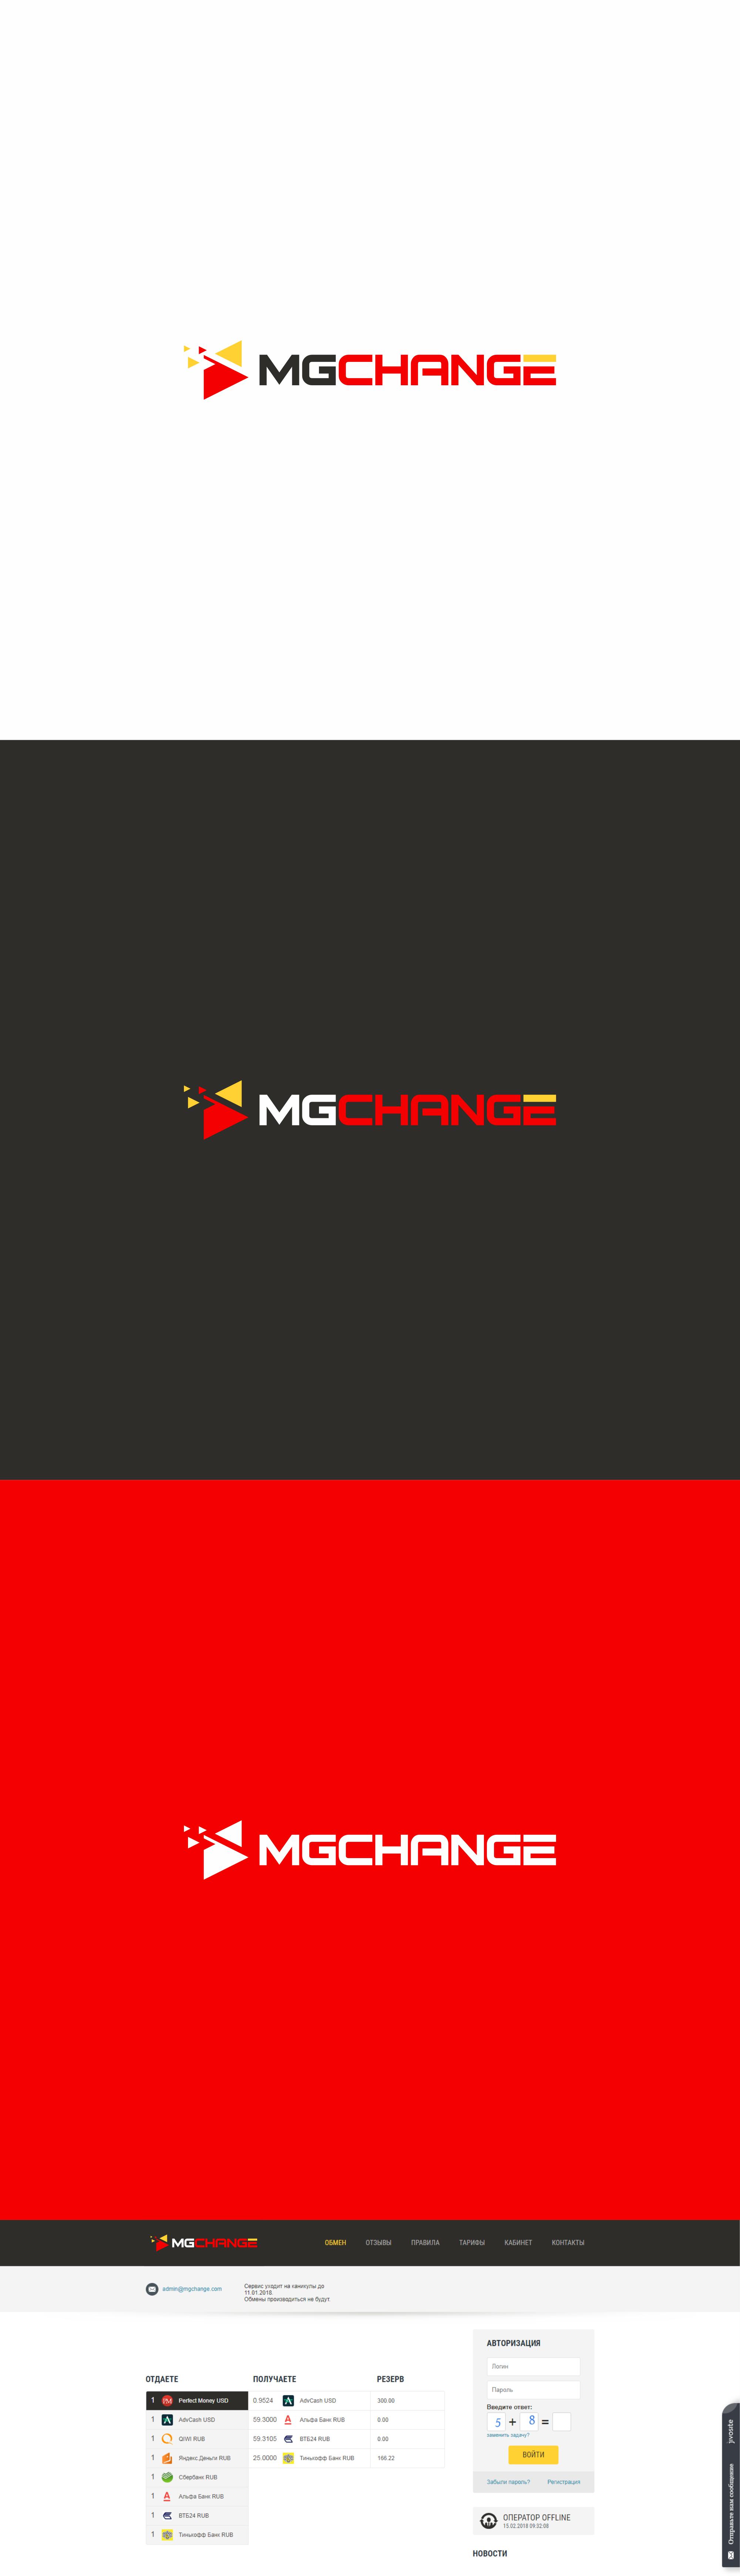 Разработка логотипа  фото f_1175a853792b100c.jpg